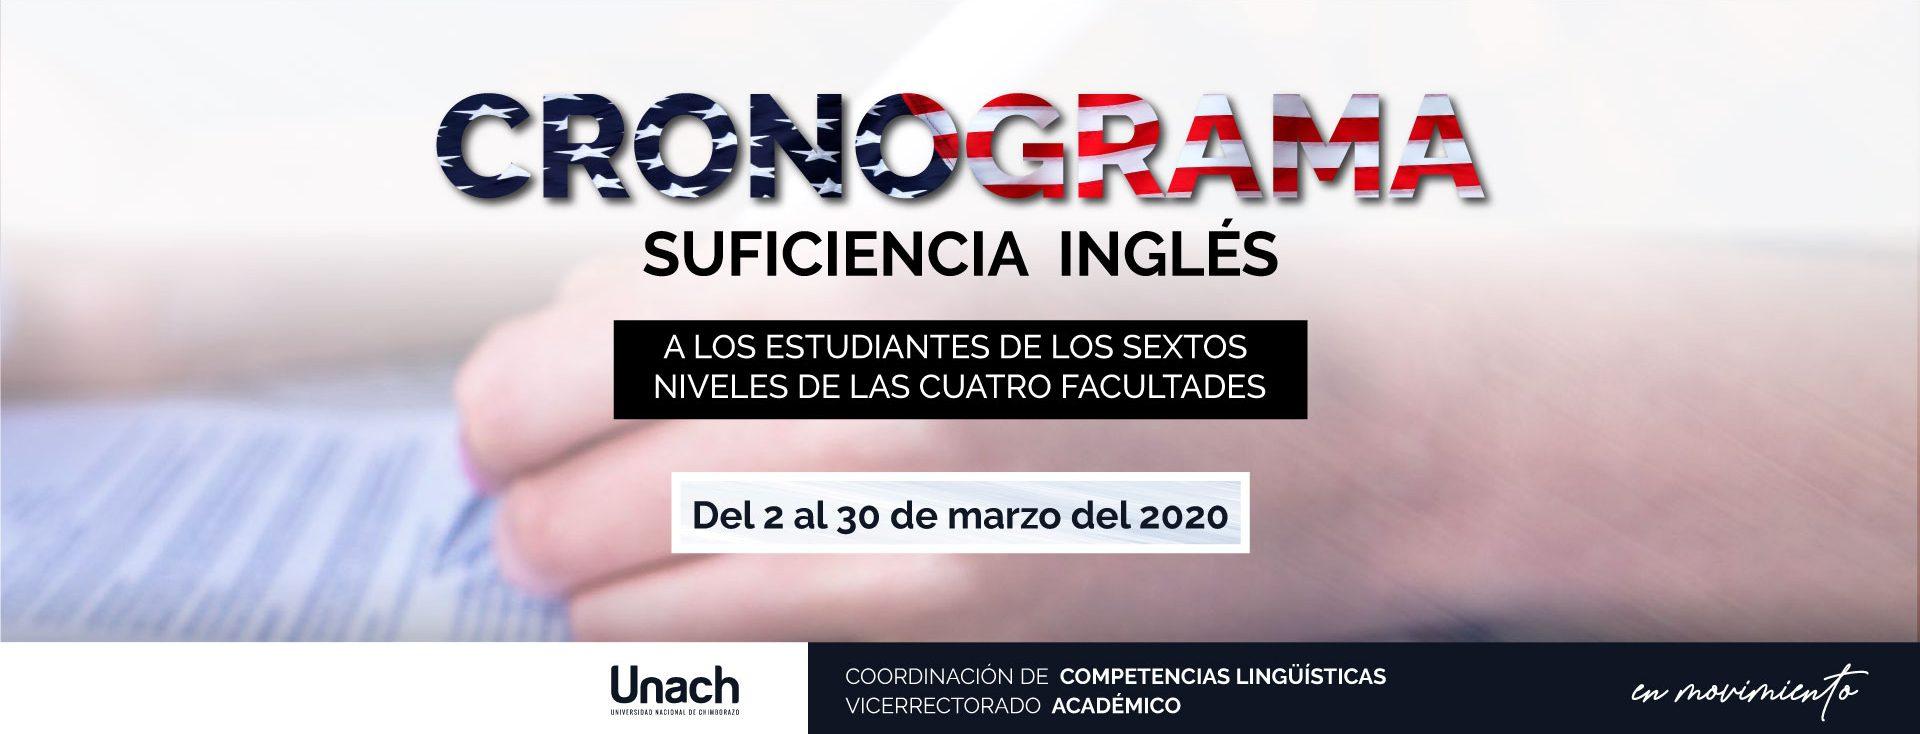 CRONOGRAMA EXÁMENES DE SUFICIENCIA INGLÉS PARA LOS SEXTOS SEMESTRES DE TODAS LAS FACULTADES